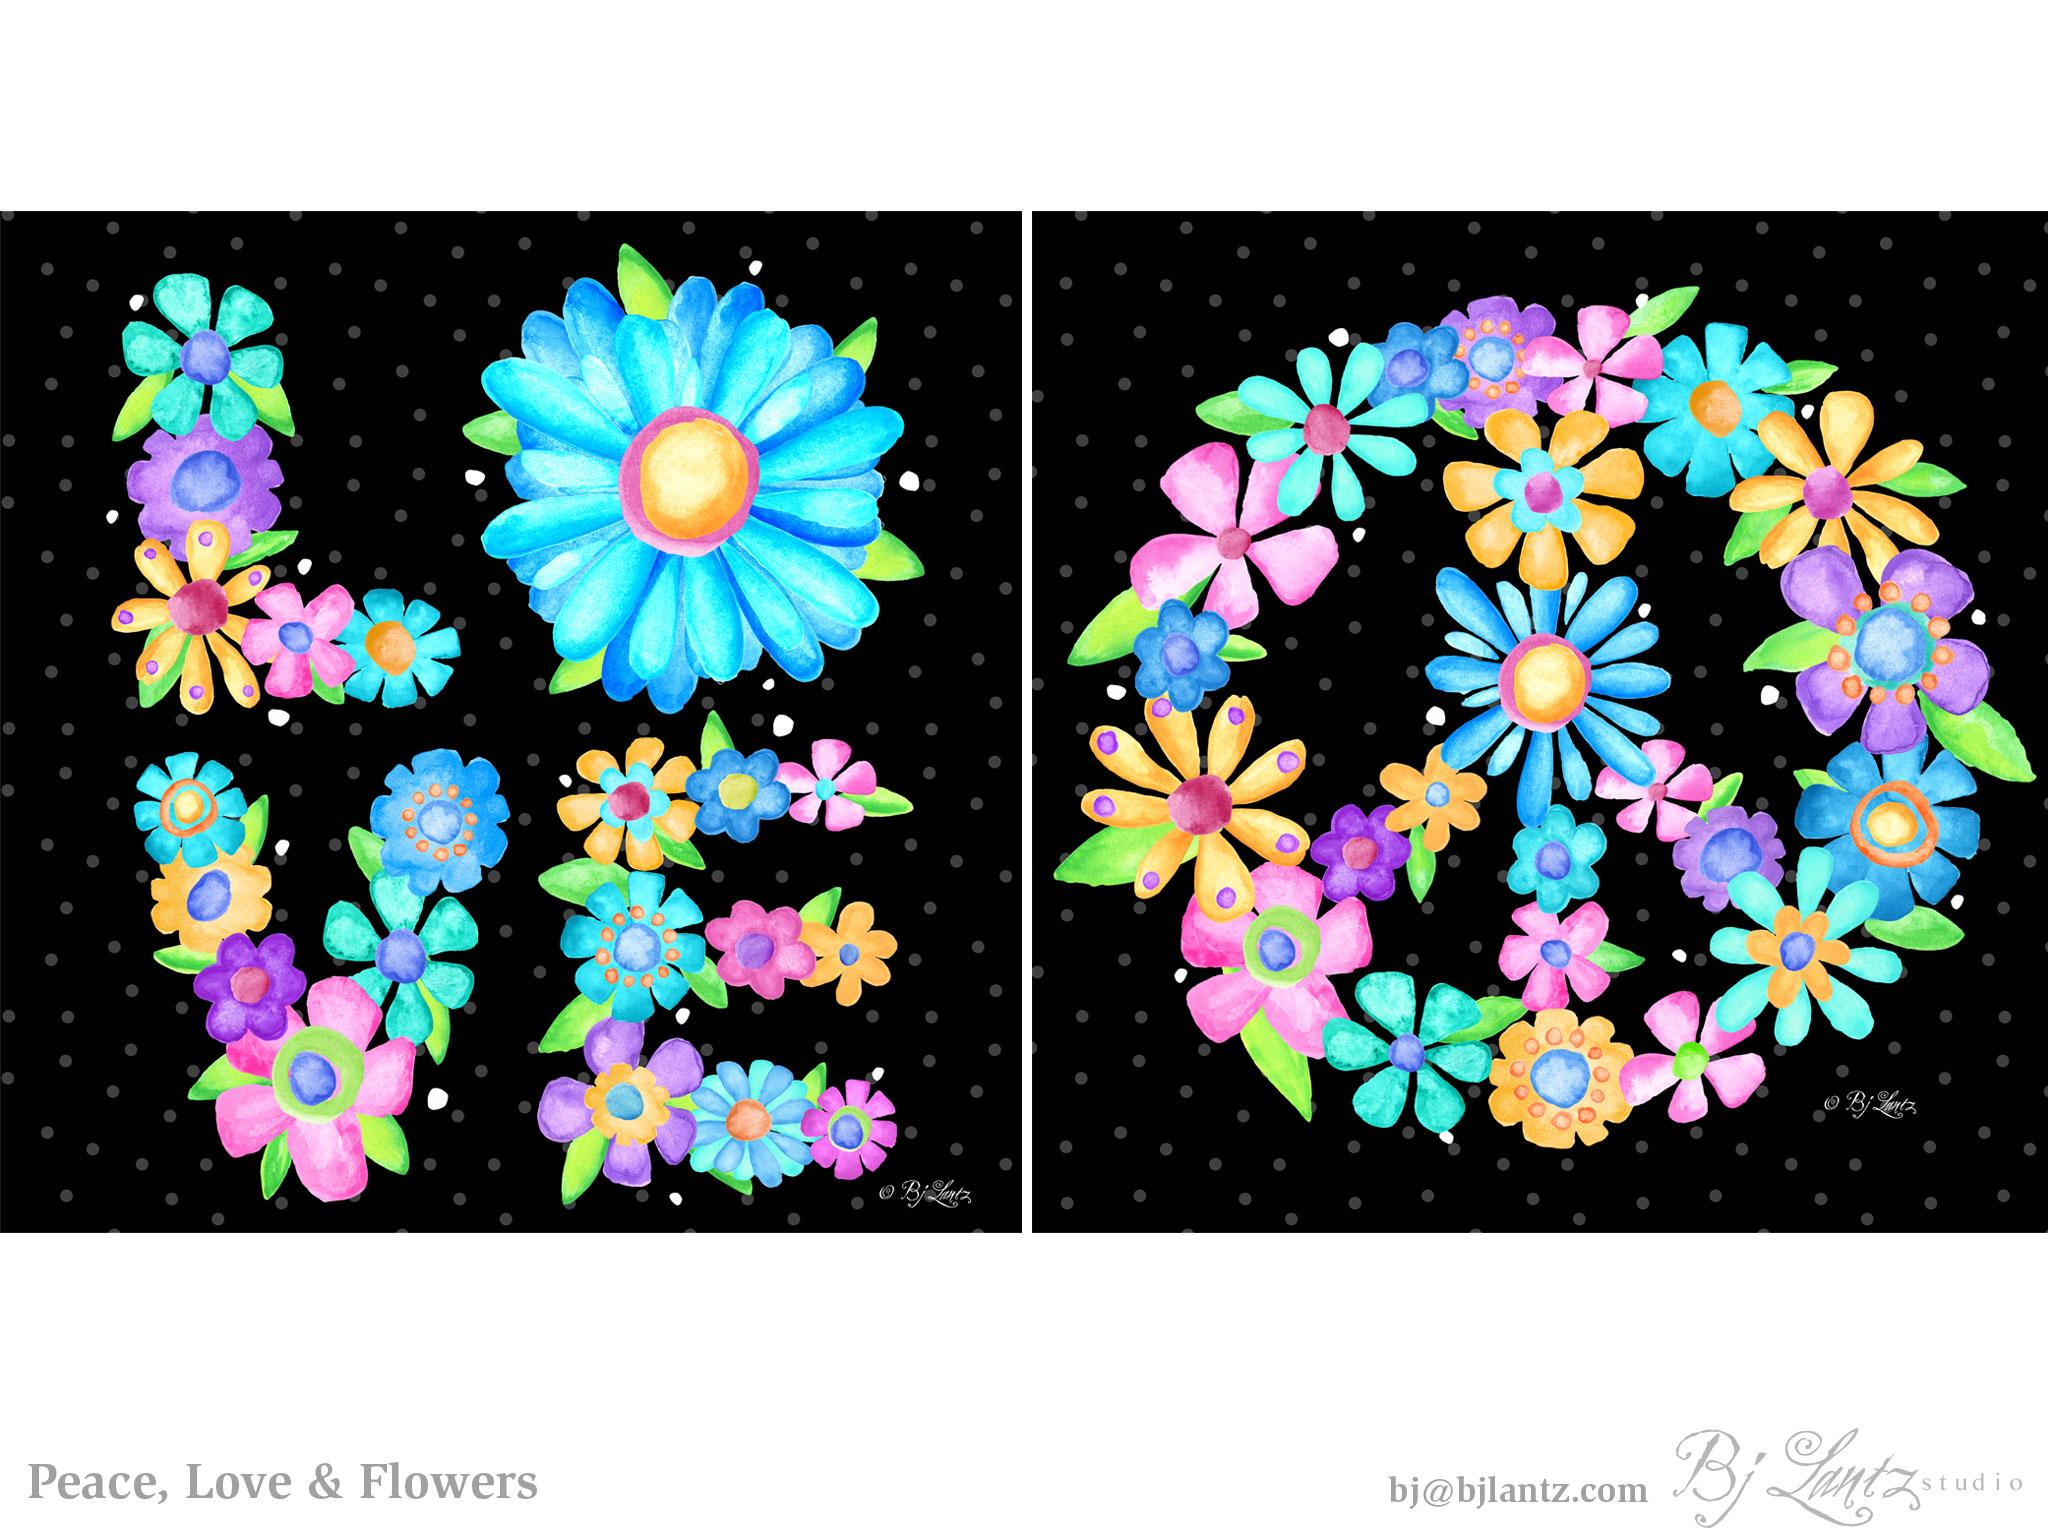 PeaceLoveFlowers_BJ-Lantz_3.jpg